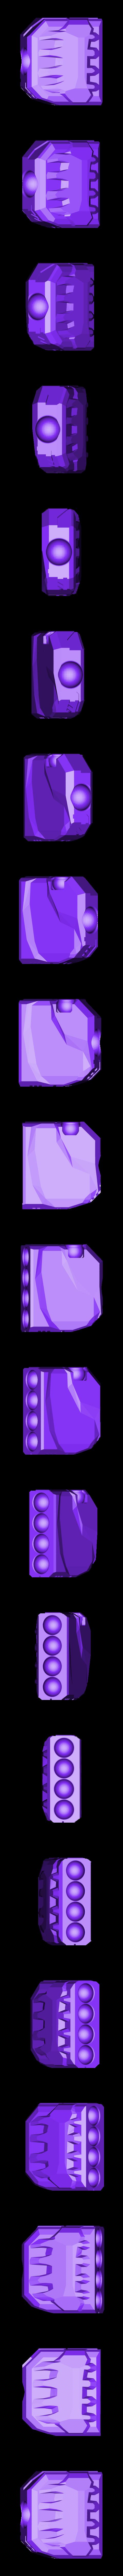 FULL_BALLJOINT_detail_v5_right.stl Télécharger fichier STL gratuit TRANSFORMERS CW POSABLE HANDS 2.0 • Design pour impression 3D, sickofyou